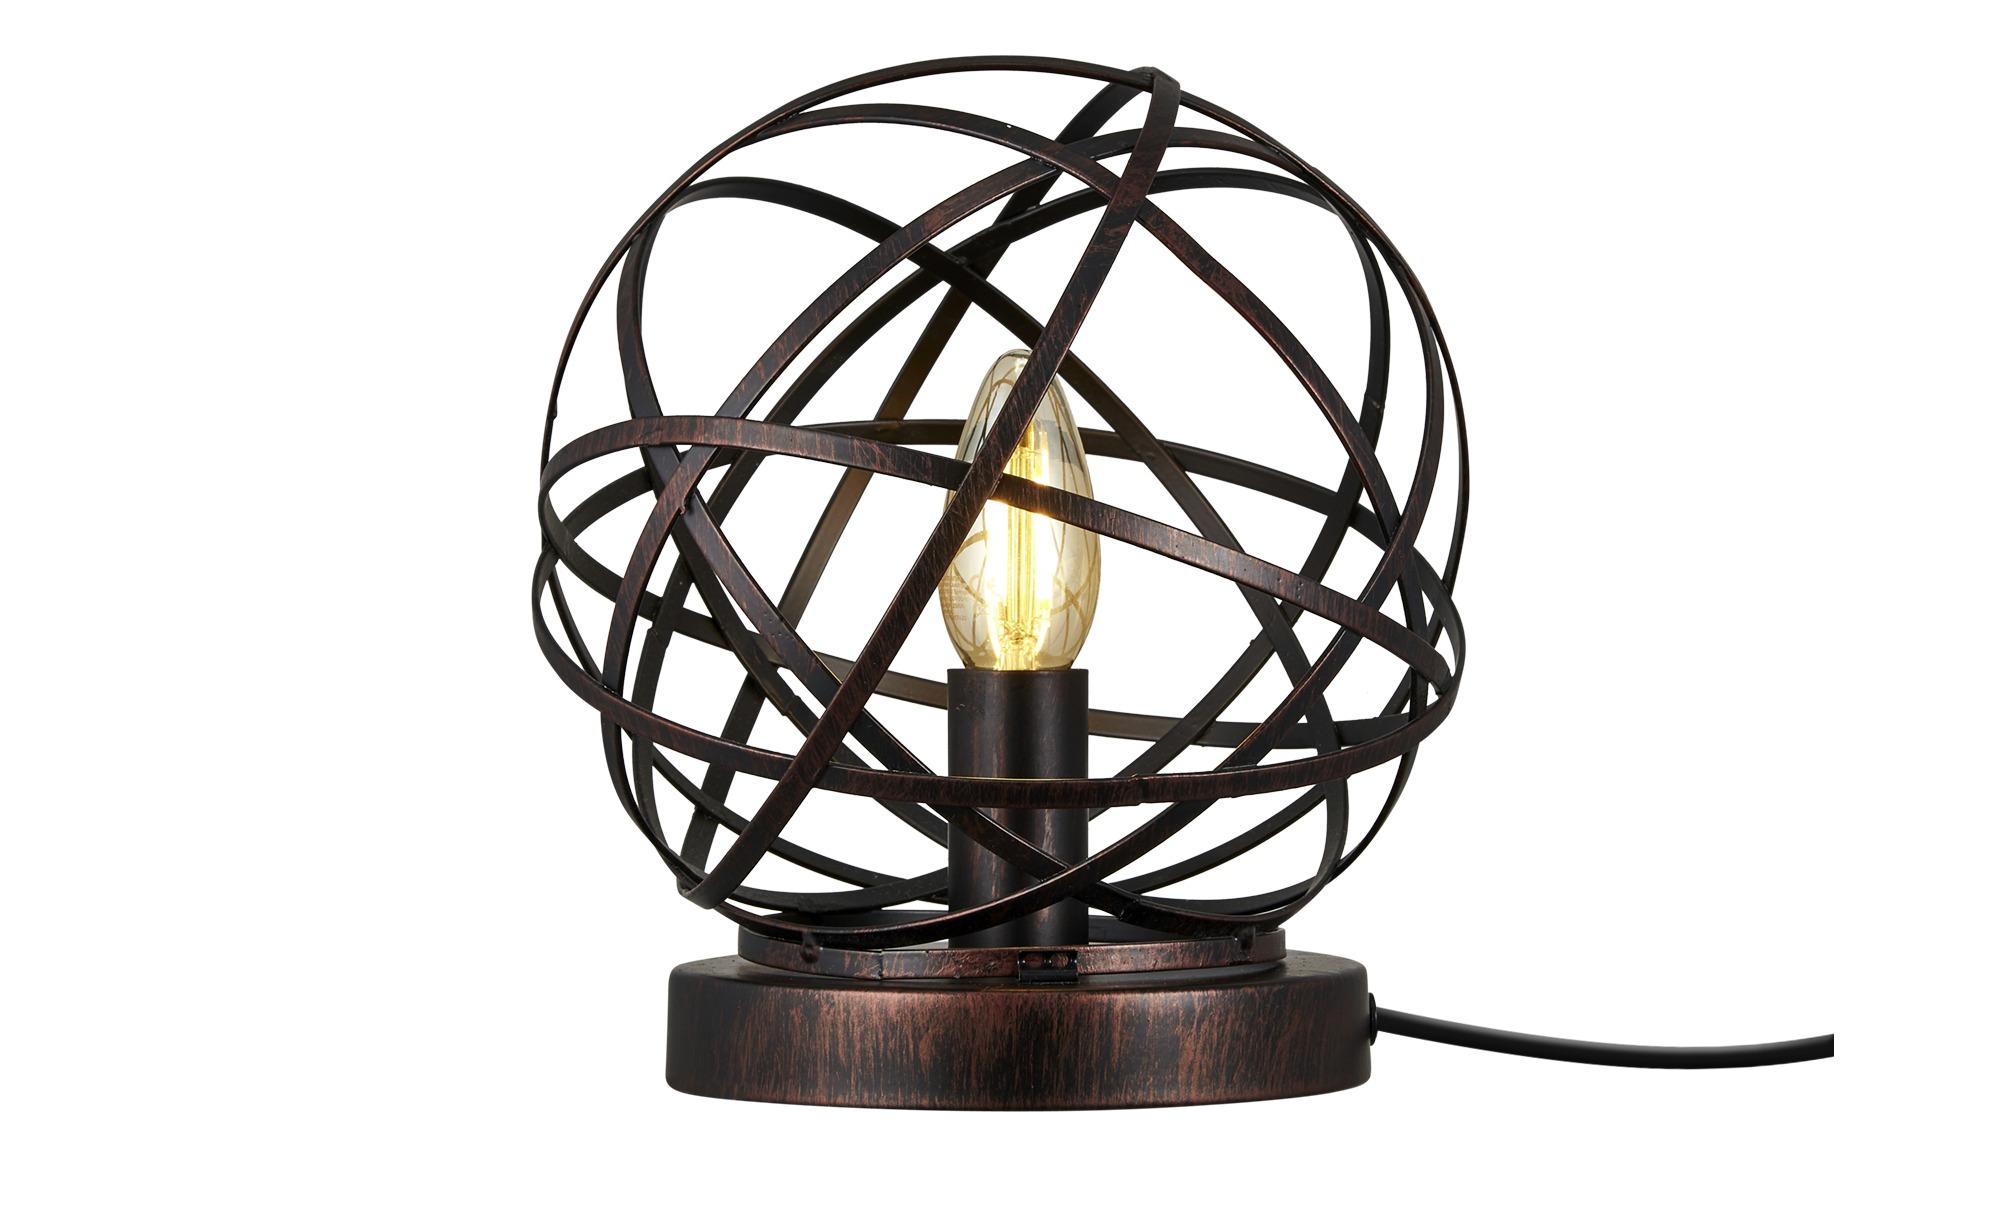 Tischleuchte, 1-flammig, Drahtgeflecht ¦ schwarzØ: [20.0] Lampen & Leuchten > Innenleuchten > Tischlampen - Höffner